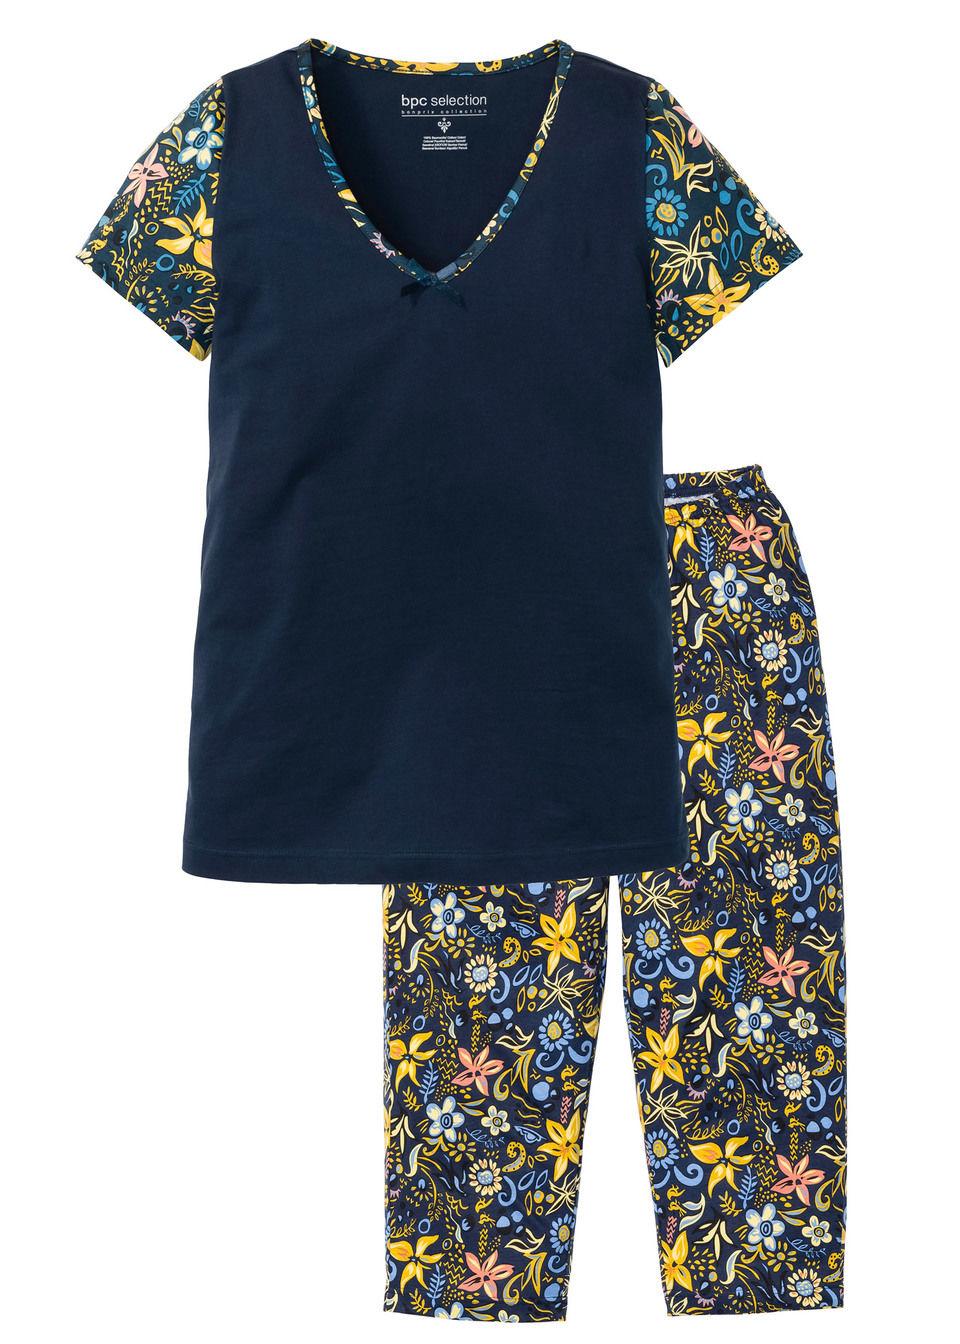 Piżama z krótkim rękawem i spodniami 3/4 bonprix Piżama kr.r spod 3/4 c.nieb dr